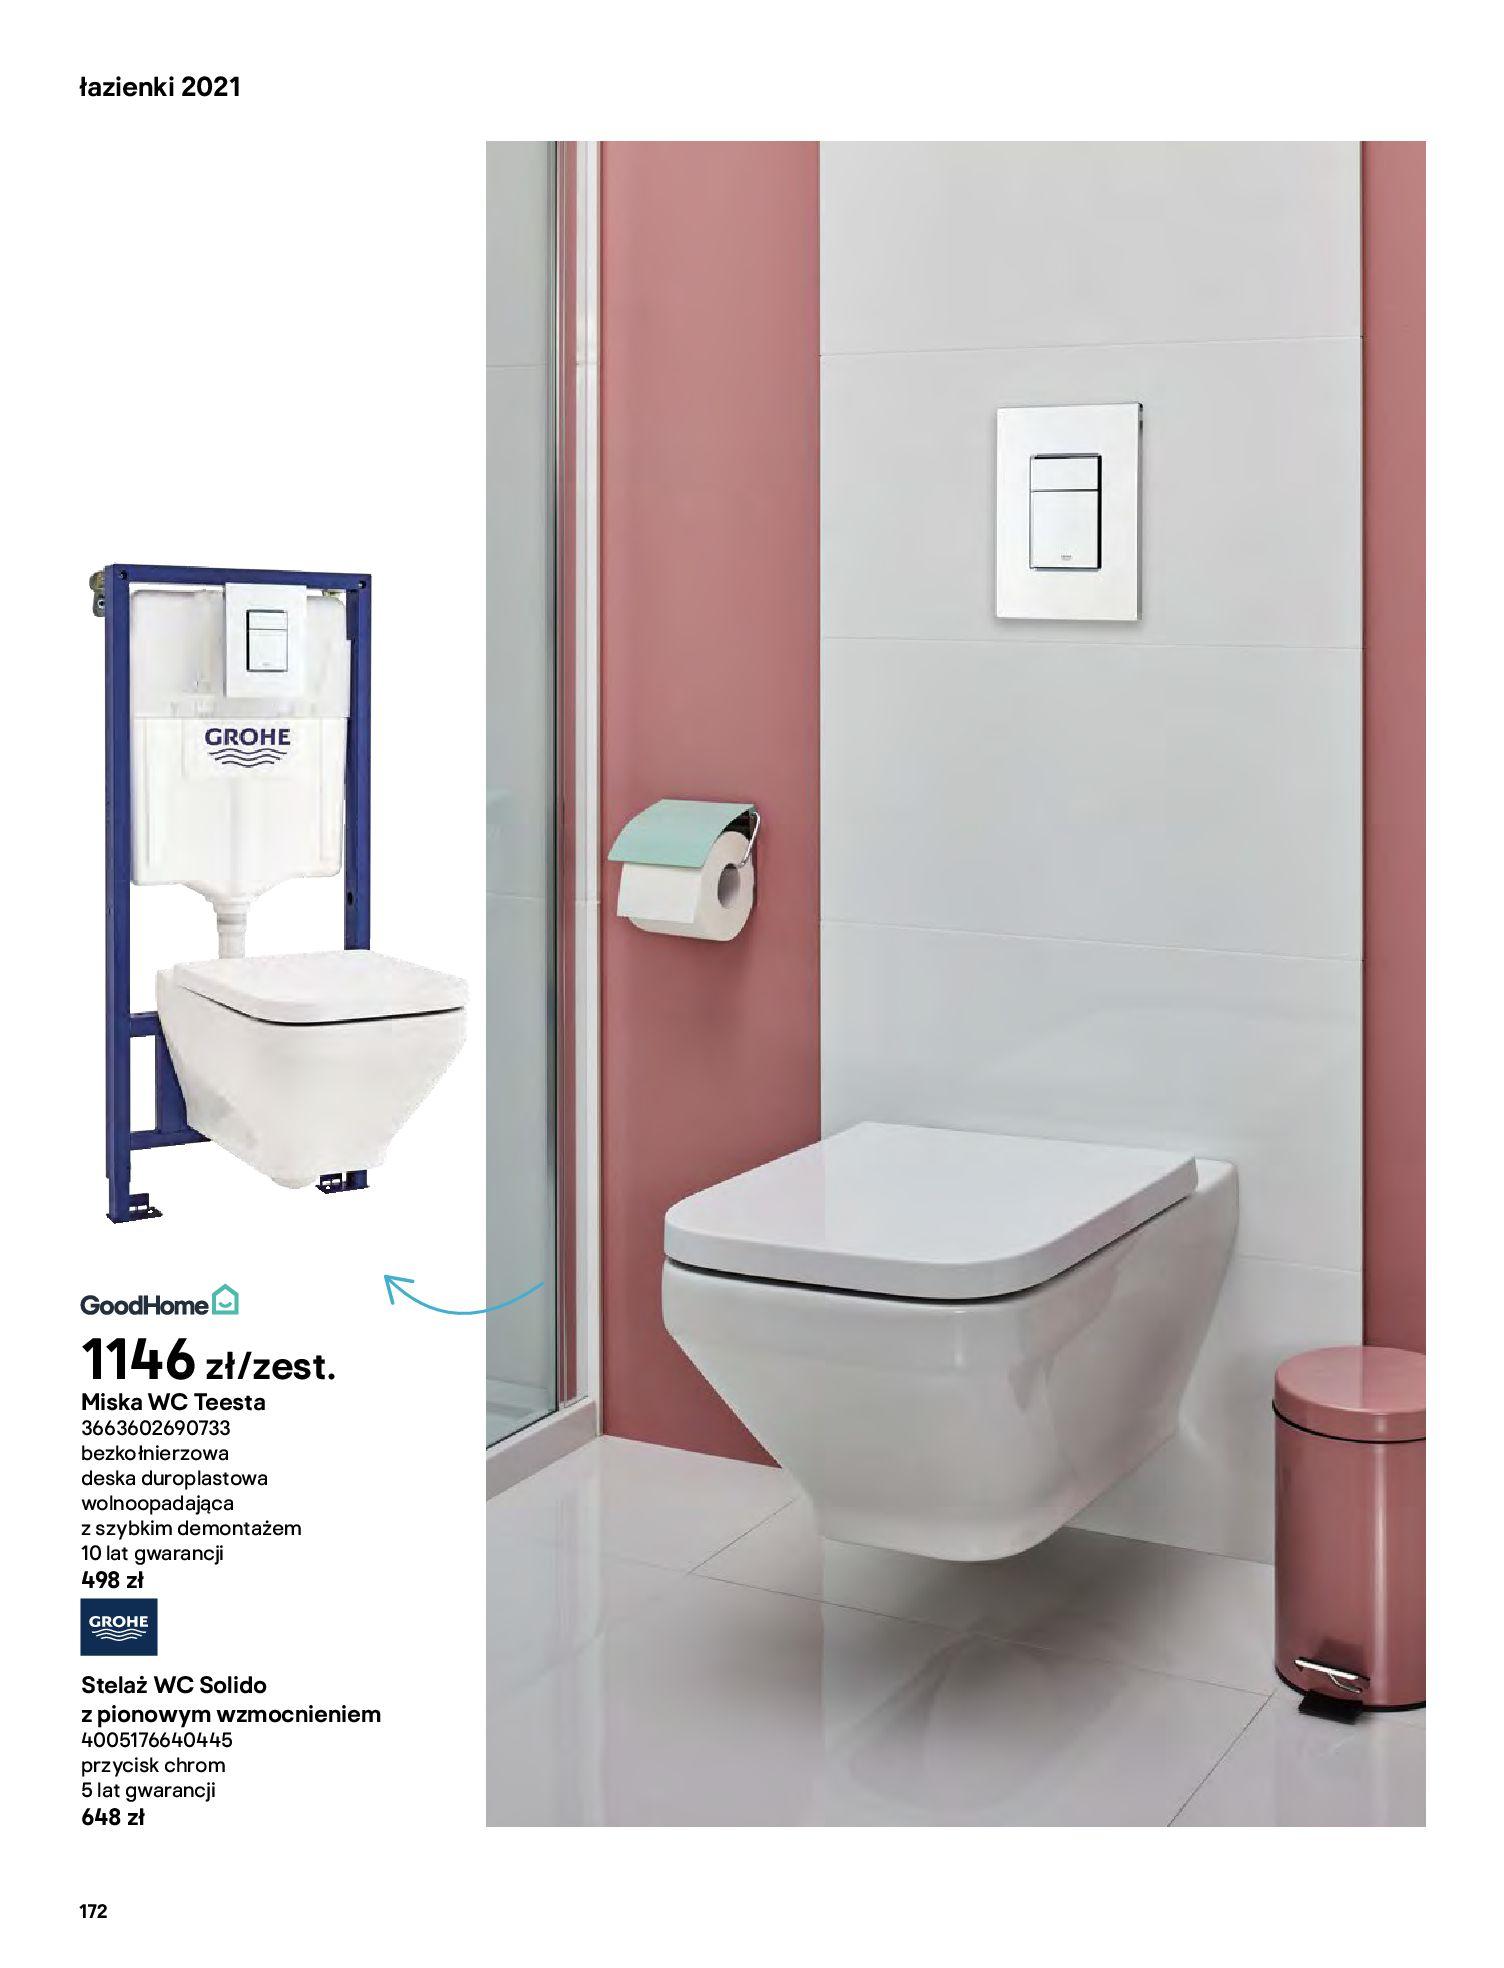 Gazetka Castorama: Gazetka Castorama - katalog łazienki 2021 2021-06-16 page-172